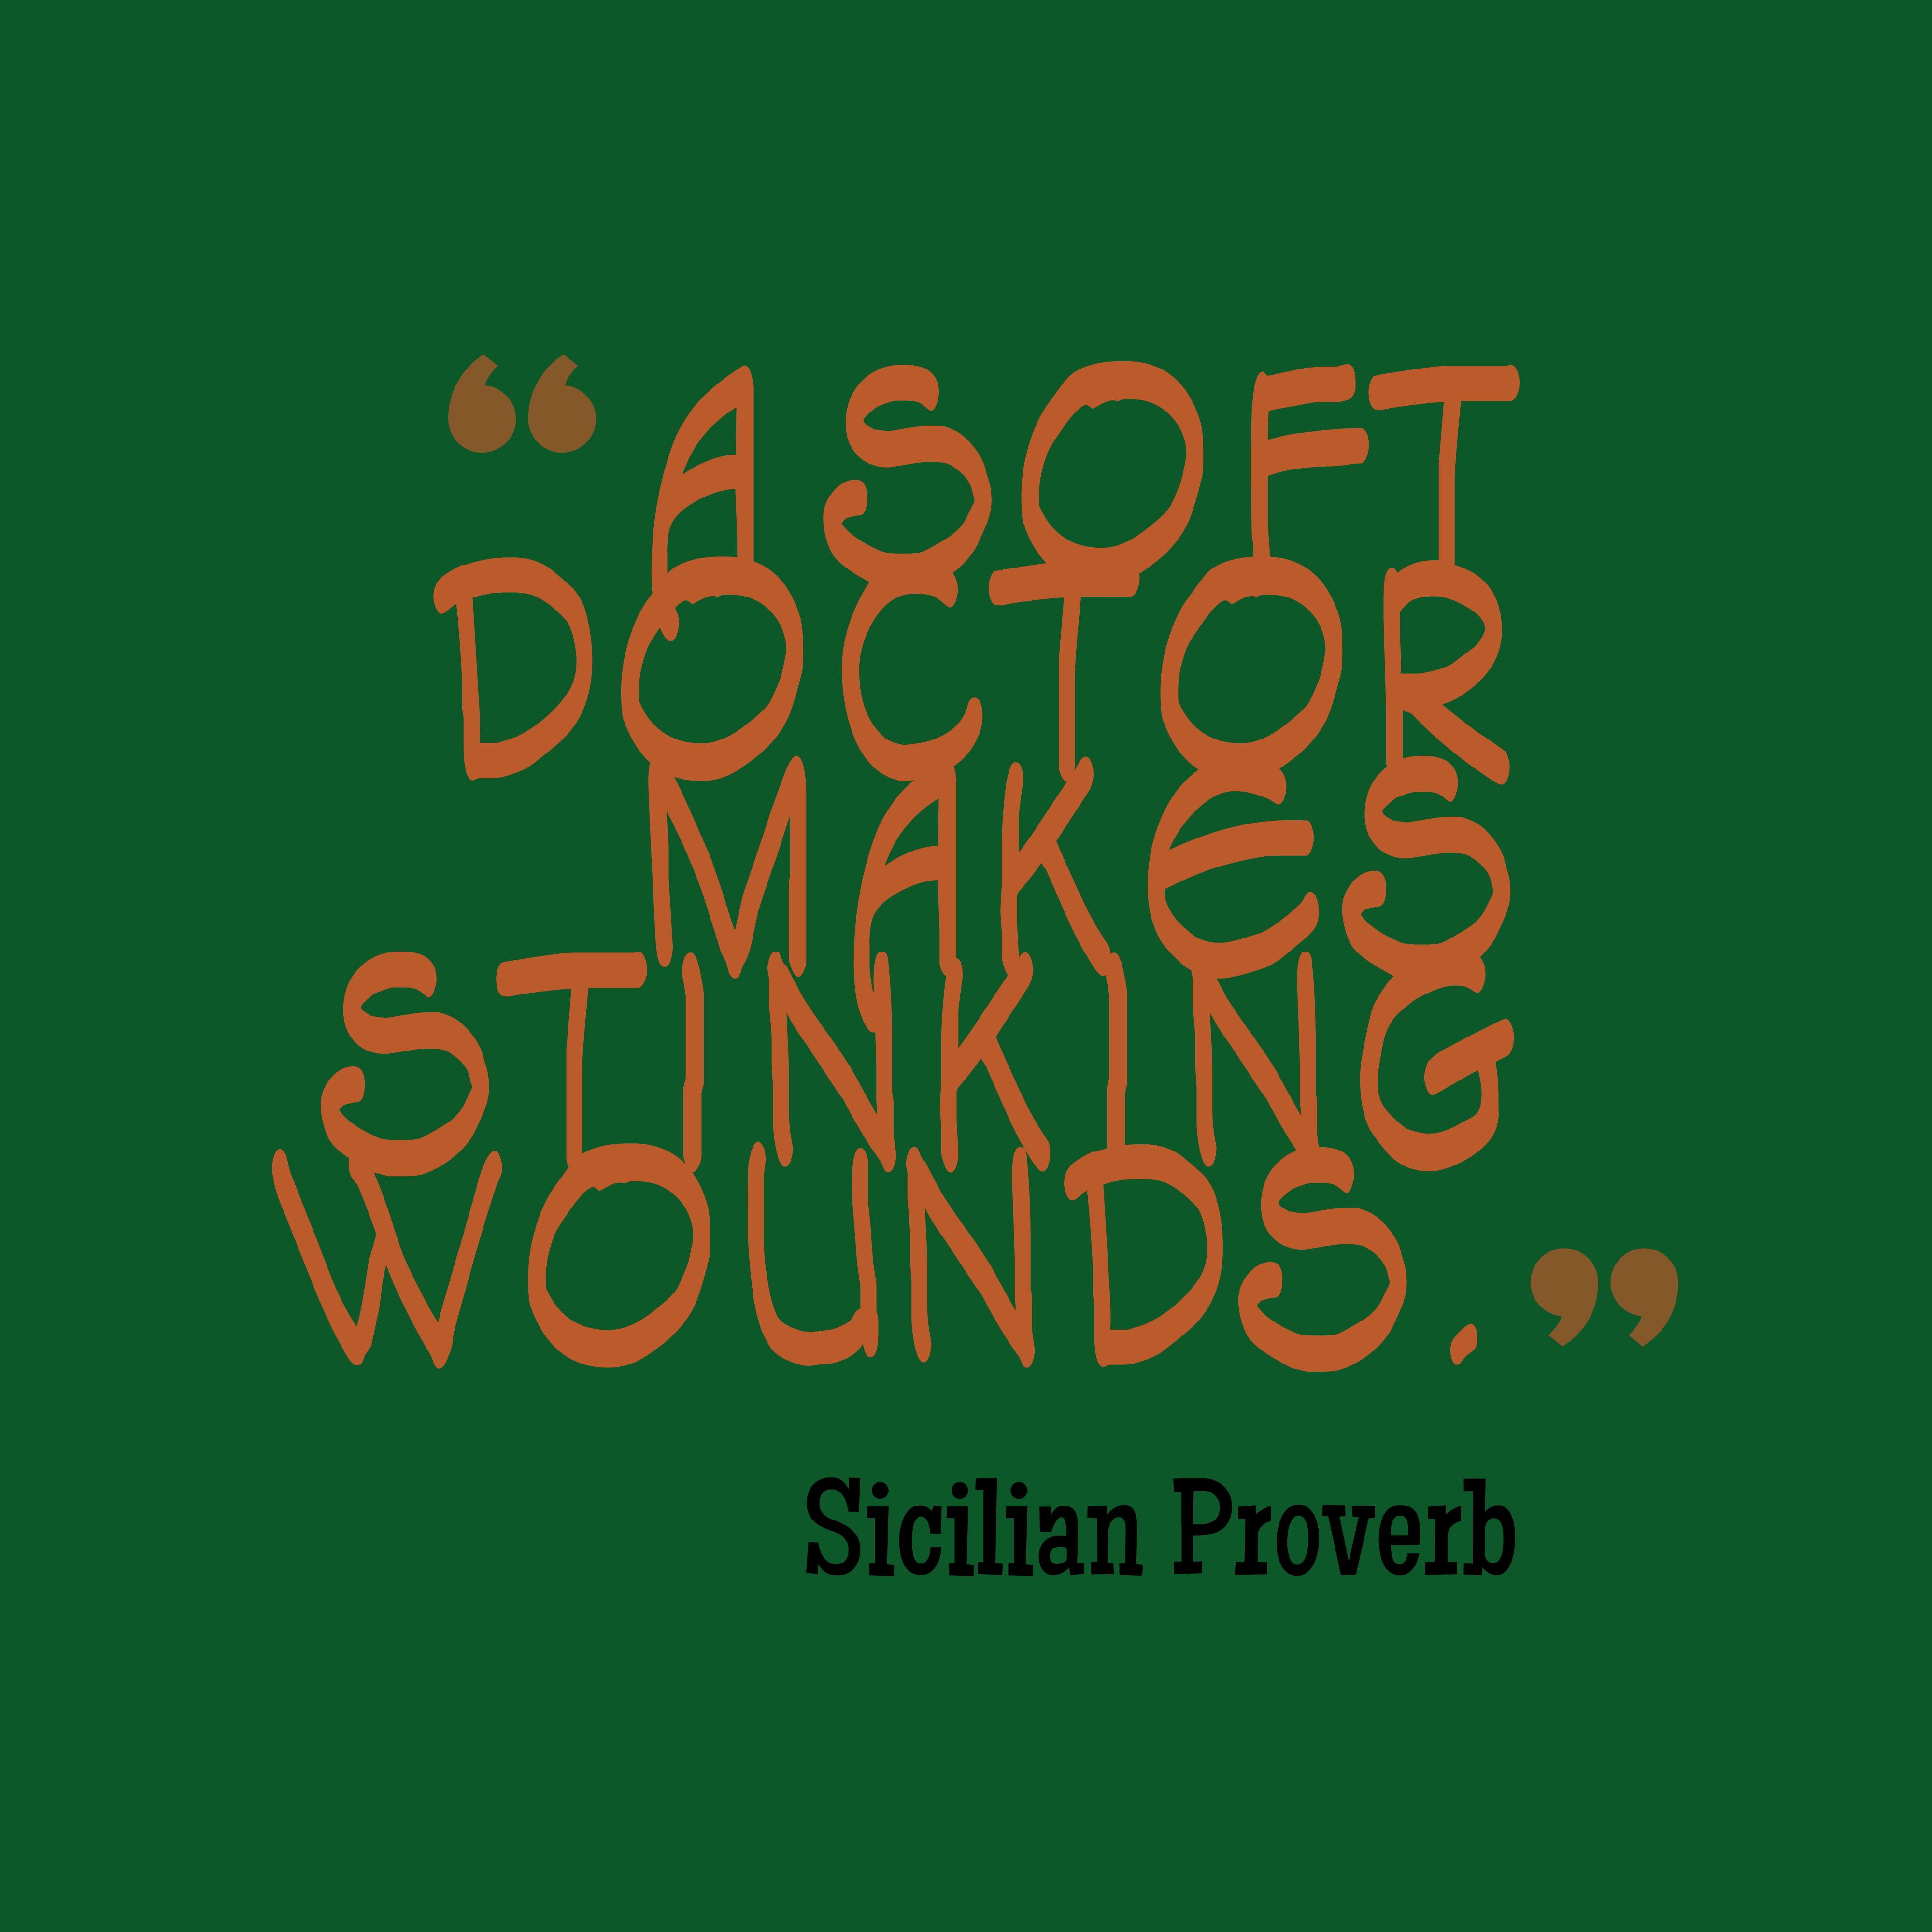 Sicilian Quotes